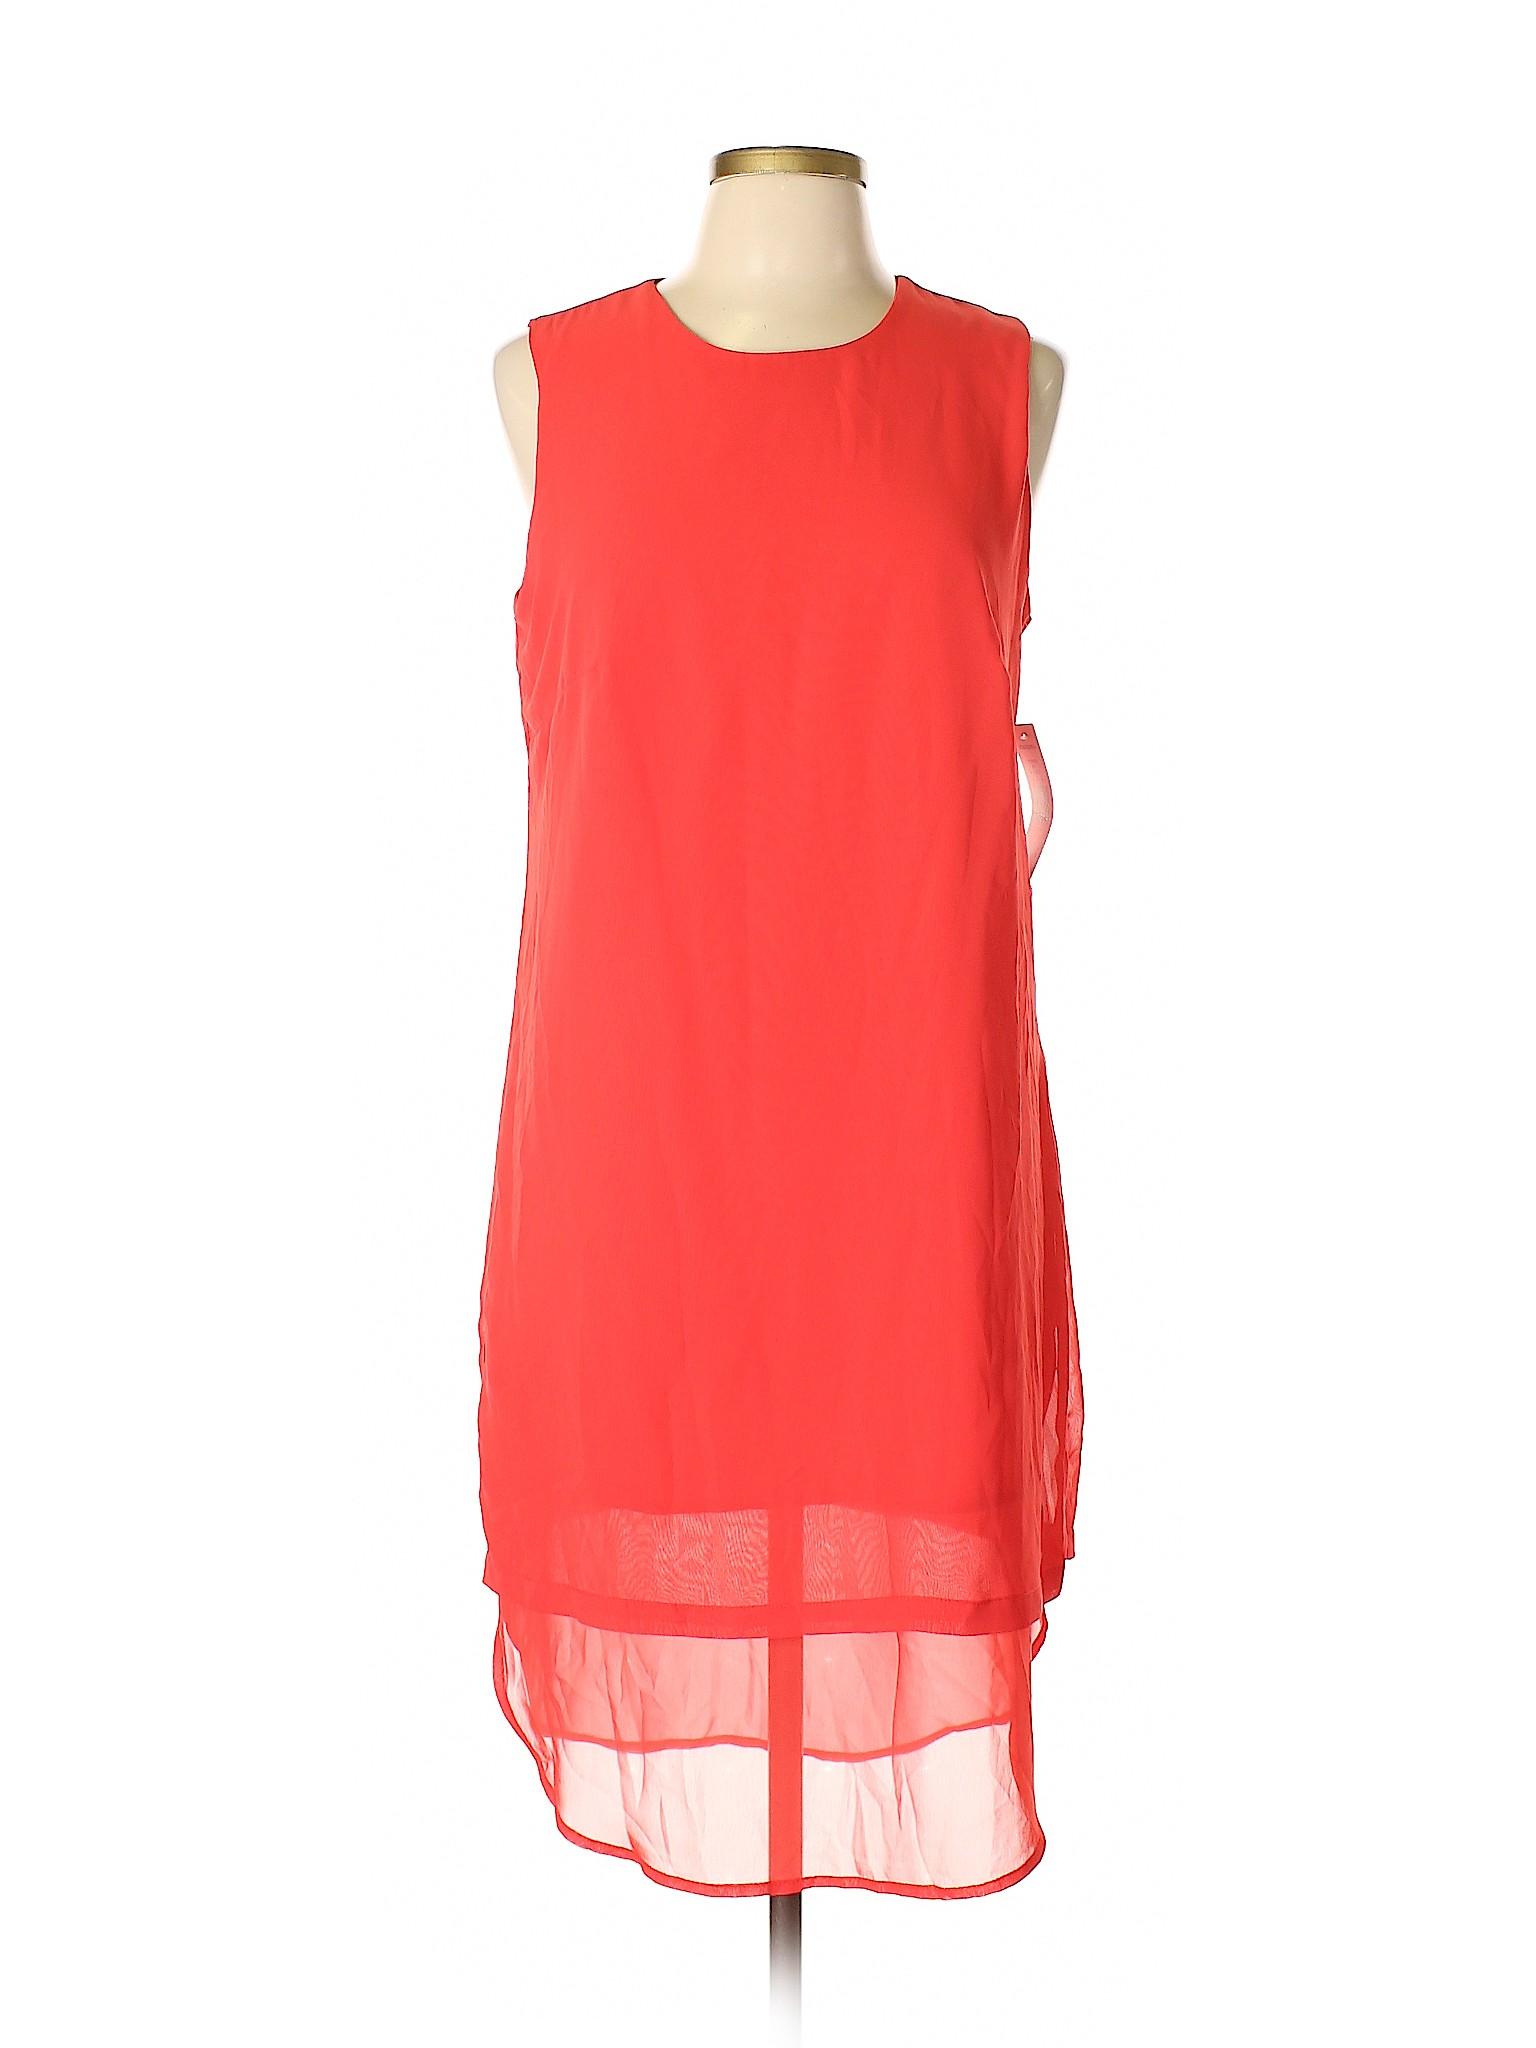 Selling Selling Selling Dress Sharagano Selling Dress Sharagano Casual Sharagano Casual Casual Dress qU4tTrU